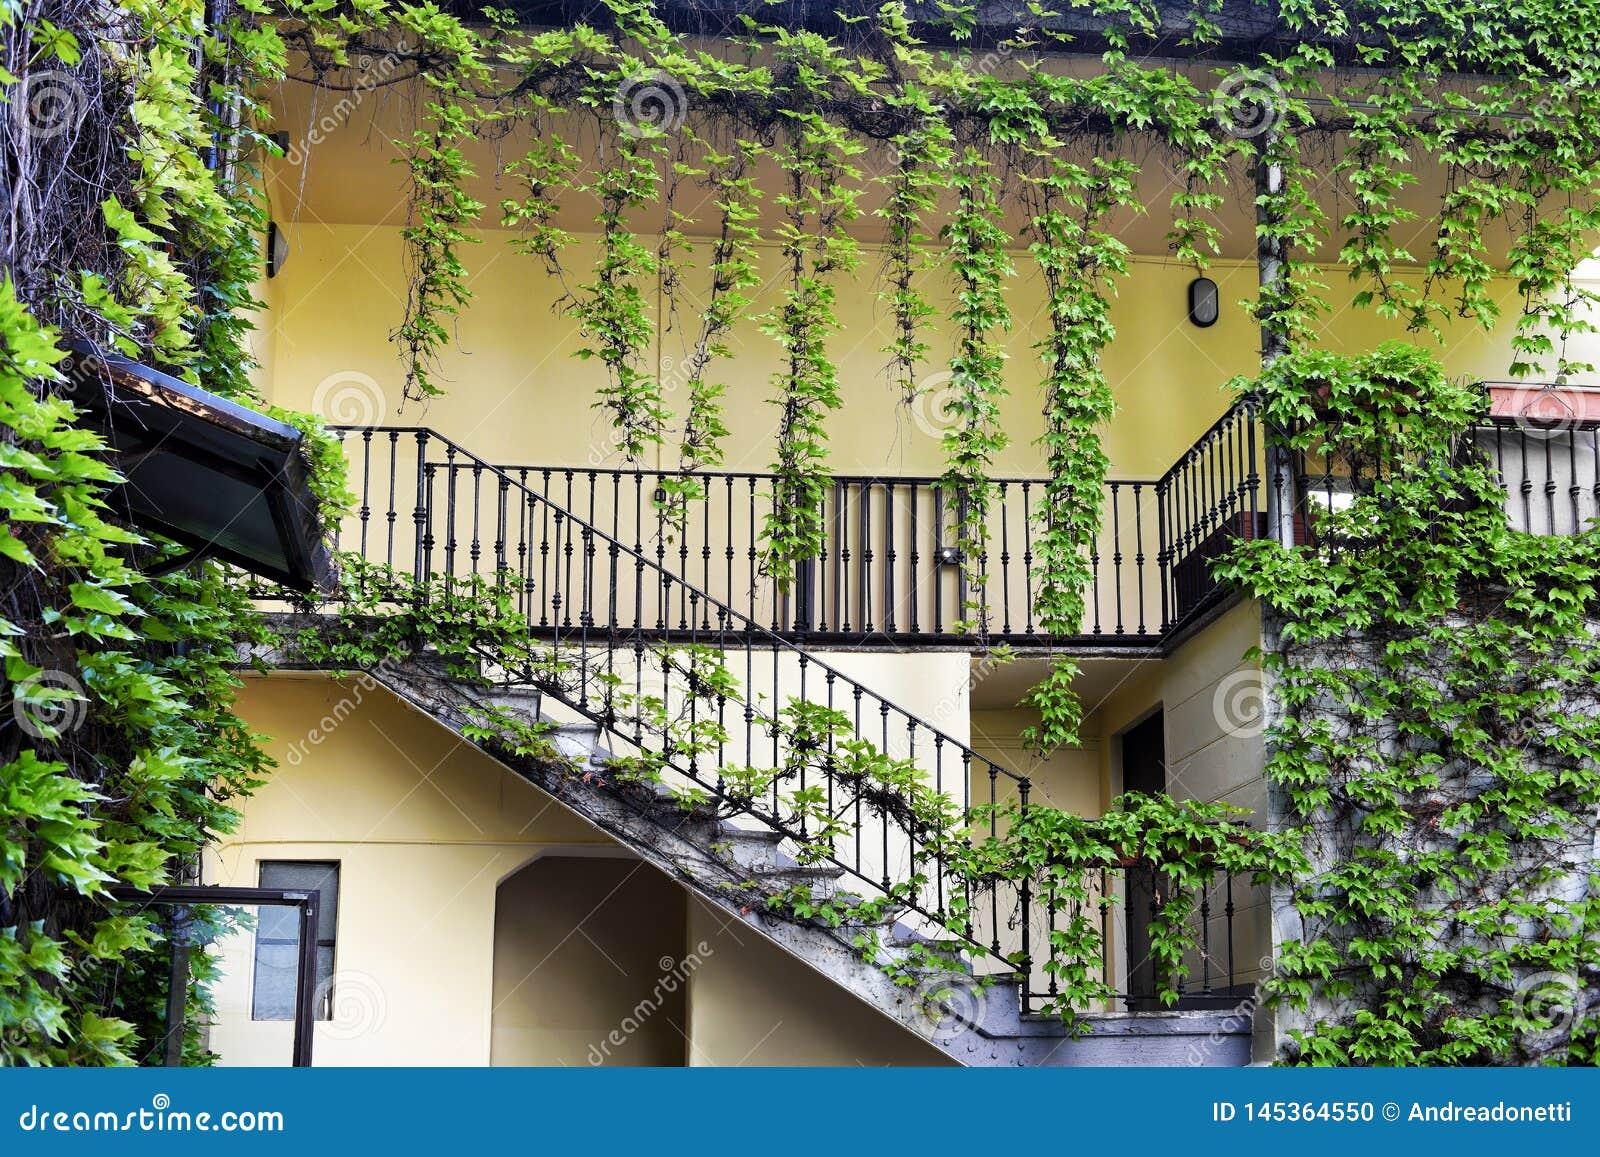 Usines De Plante Grimpante De Lierre Autour Des Escaliers Et Du Balcon Photo Stock Image Du Plante Usines 145364550